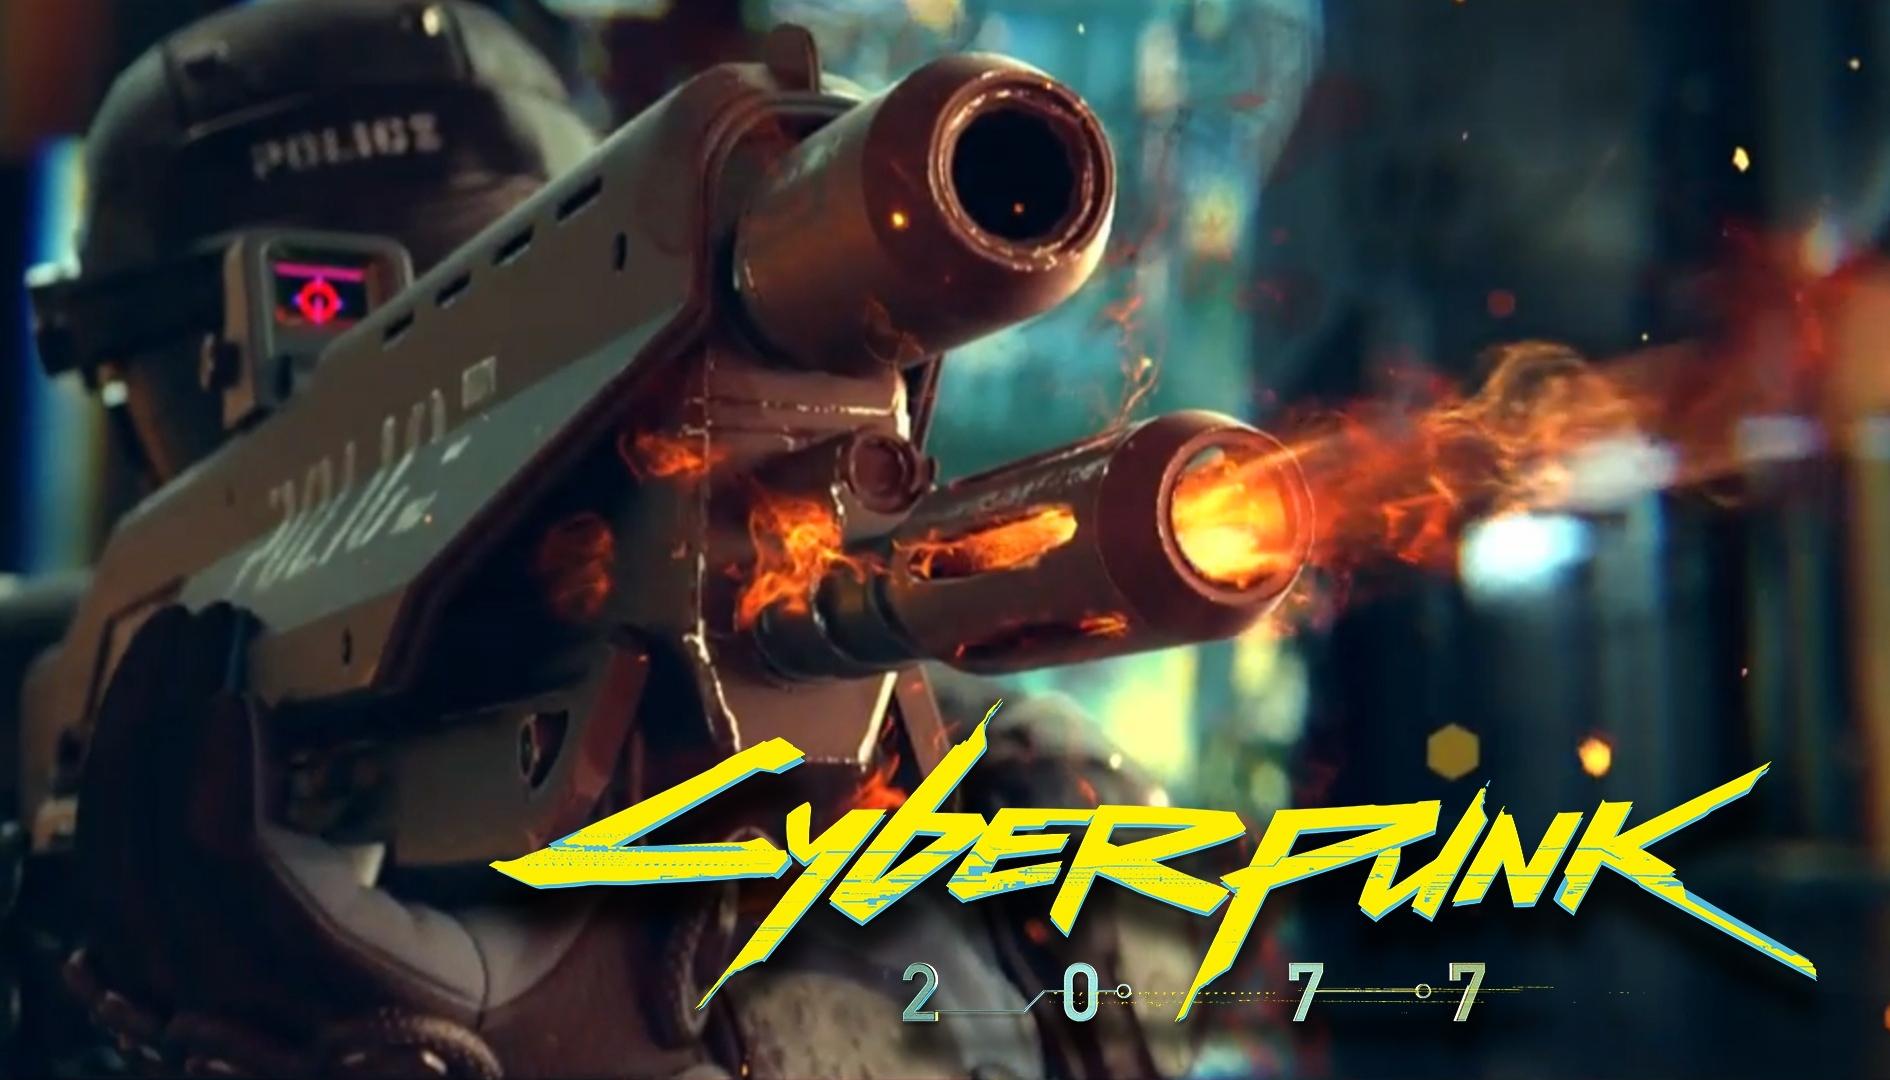 Cyberpunk 2077: problemi in vista per la versione Stadia, uscita posticipata